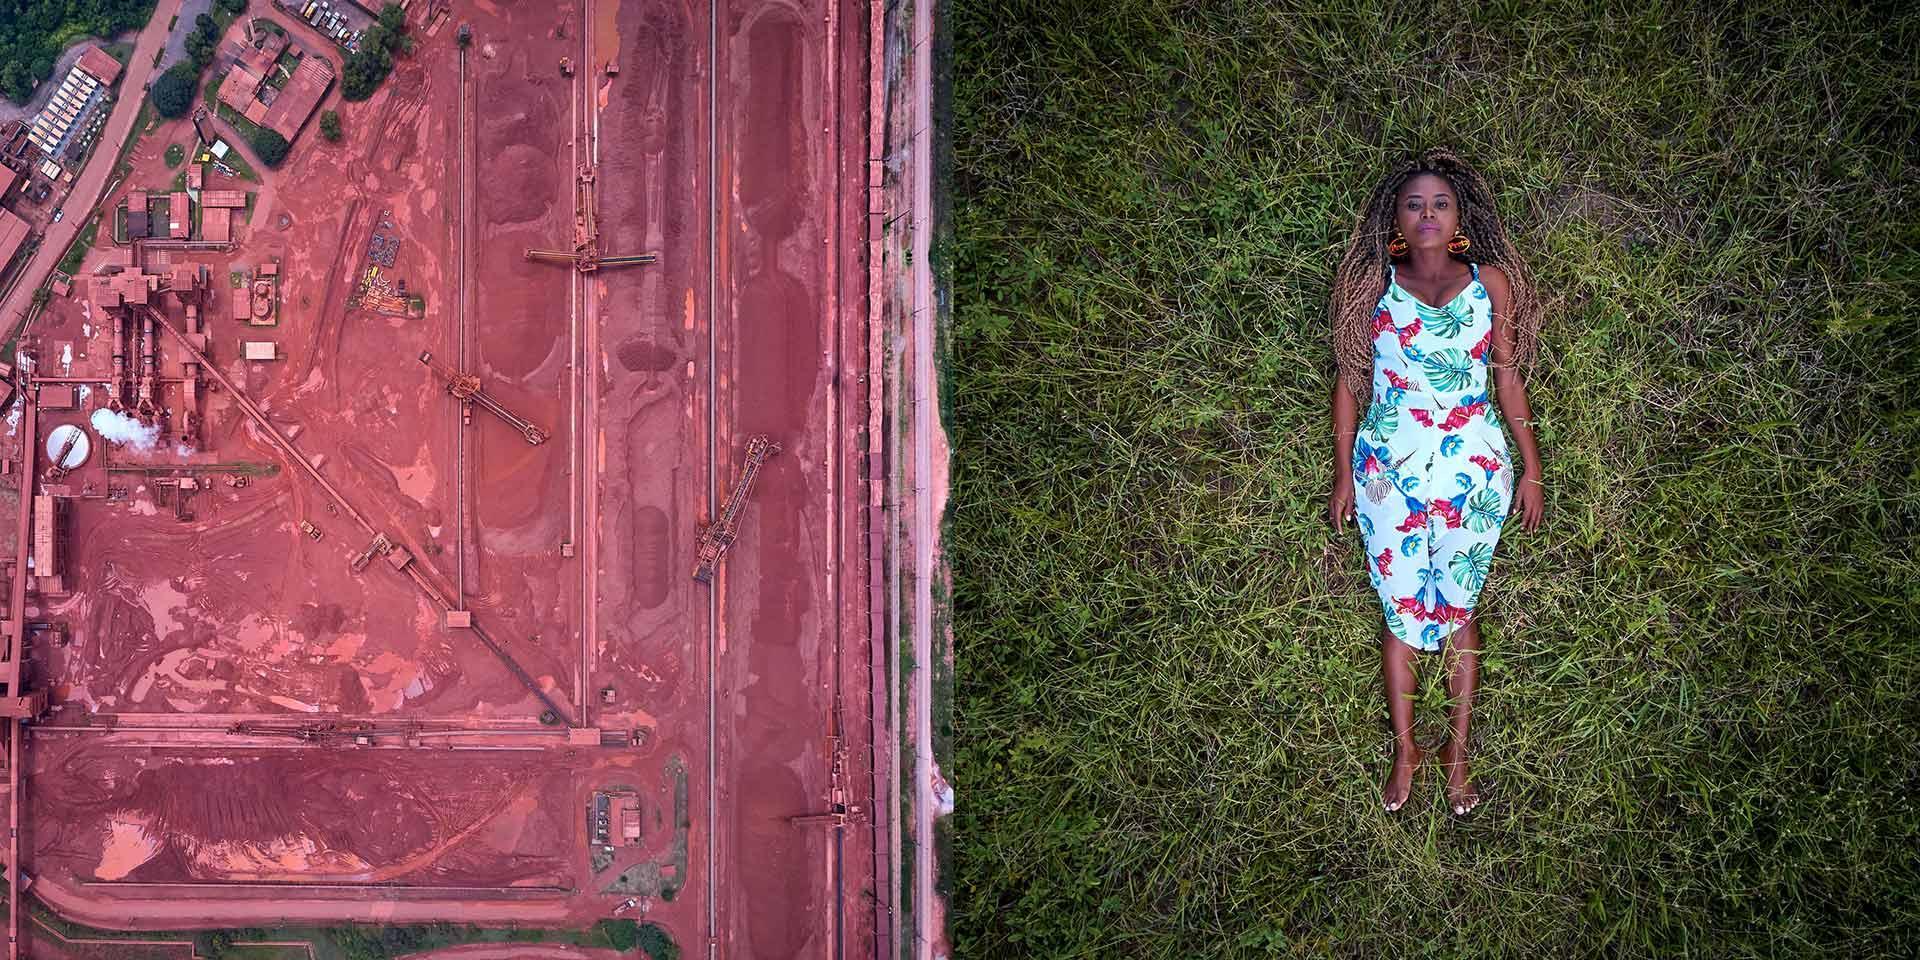 Una persona sdraiata con accanto un campo agricolo